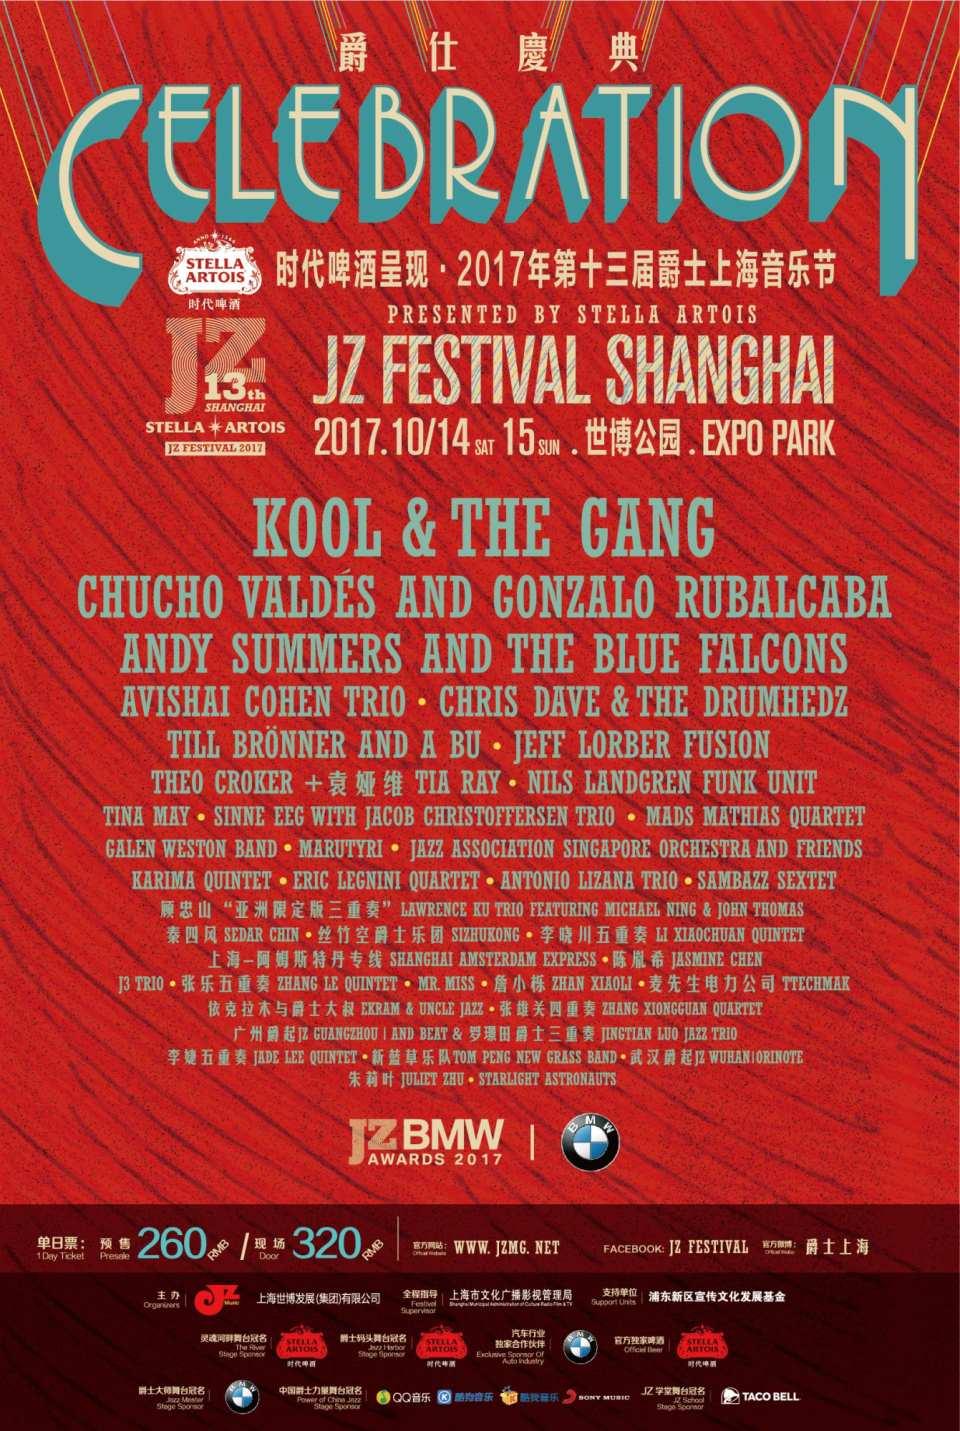 jz-festival-2017-shanghai-poster